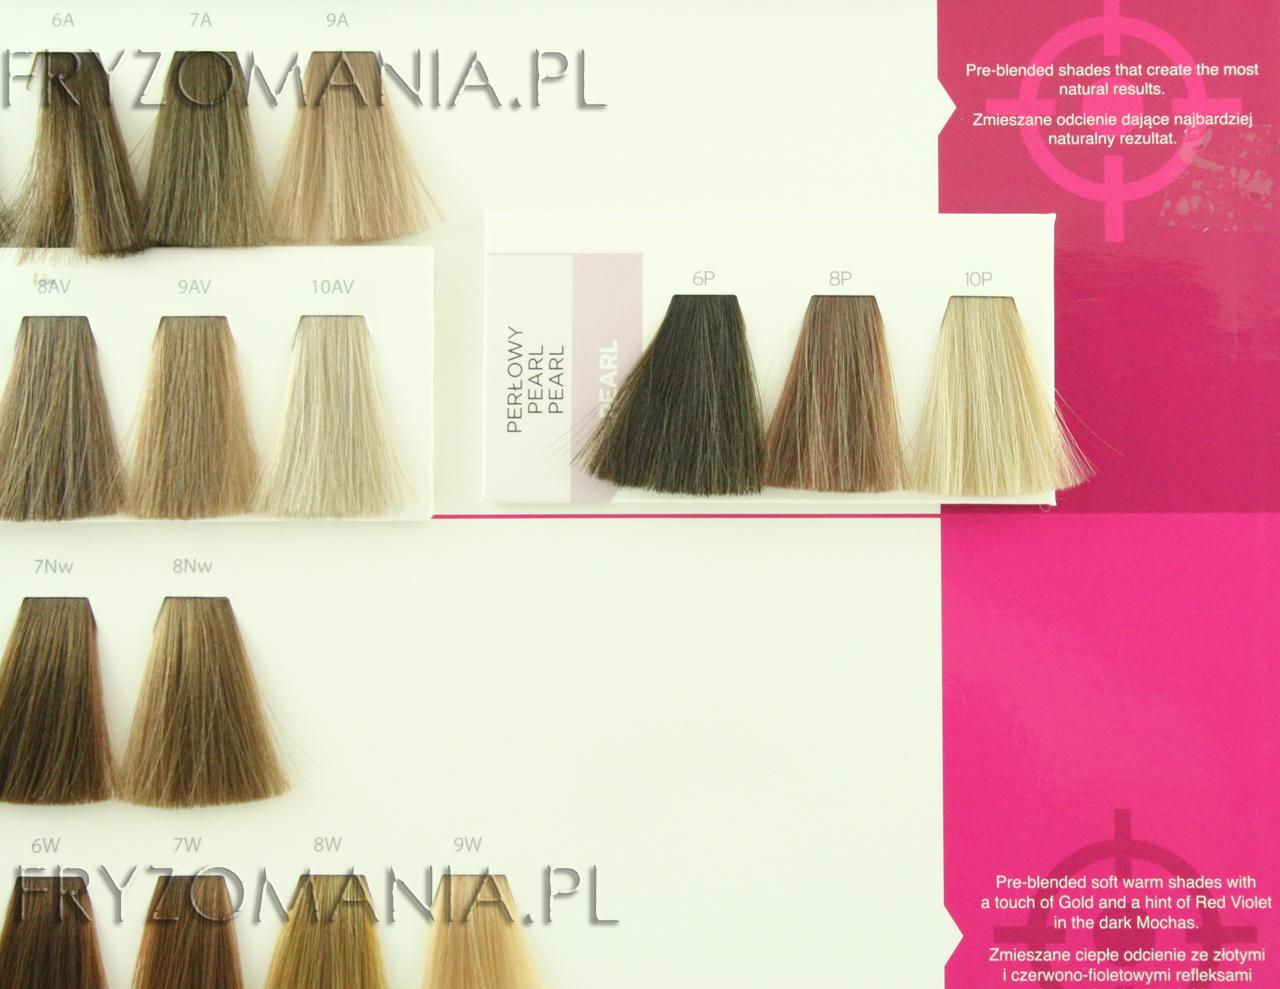 Matrix socolor honey creme hair color swatch book case vgc pics photos matrix socolor color sync mocha swatches pictures nvjuhfo Images